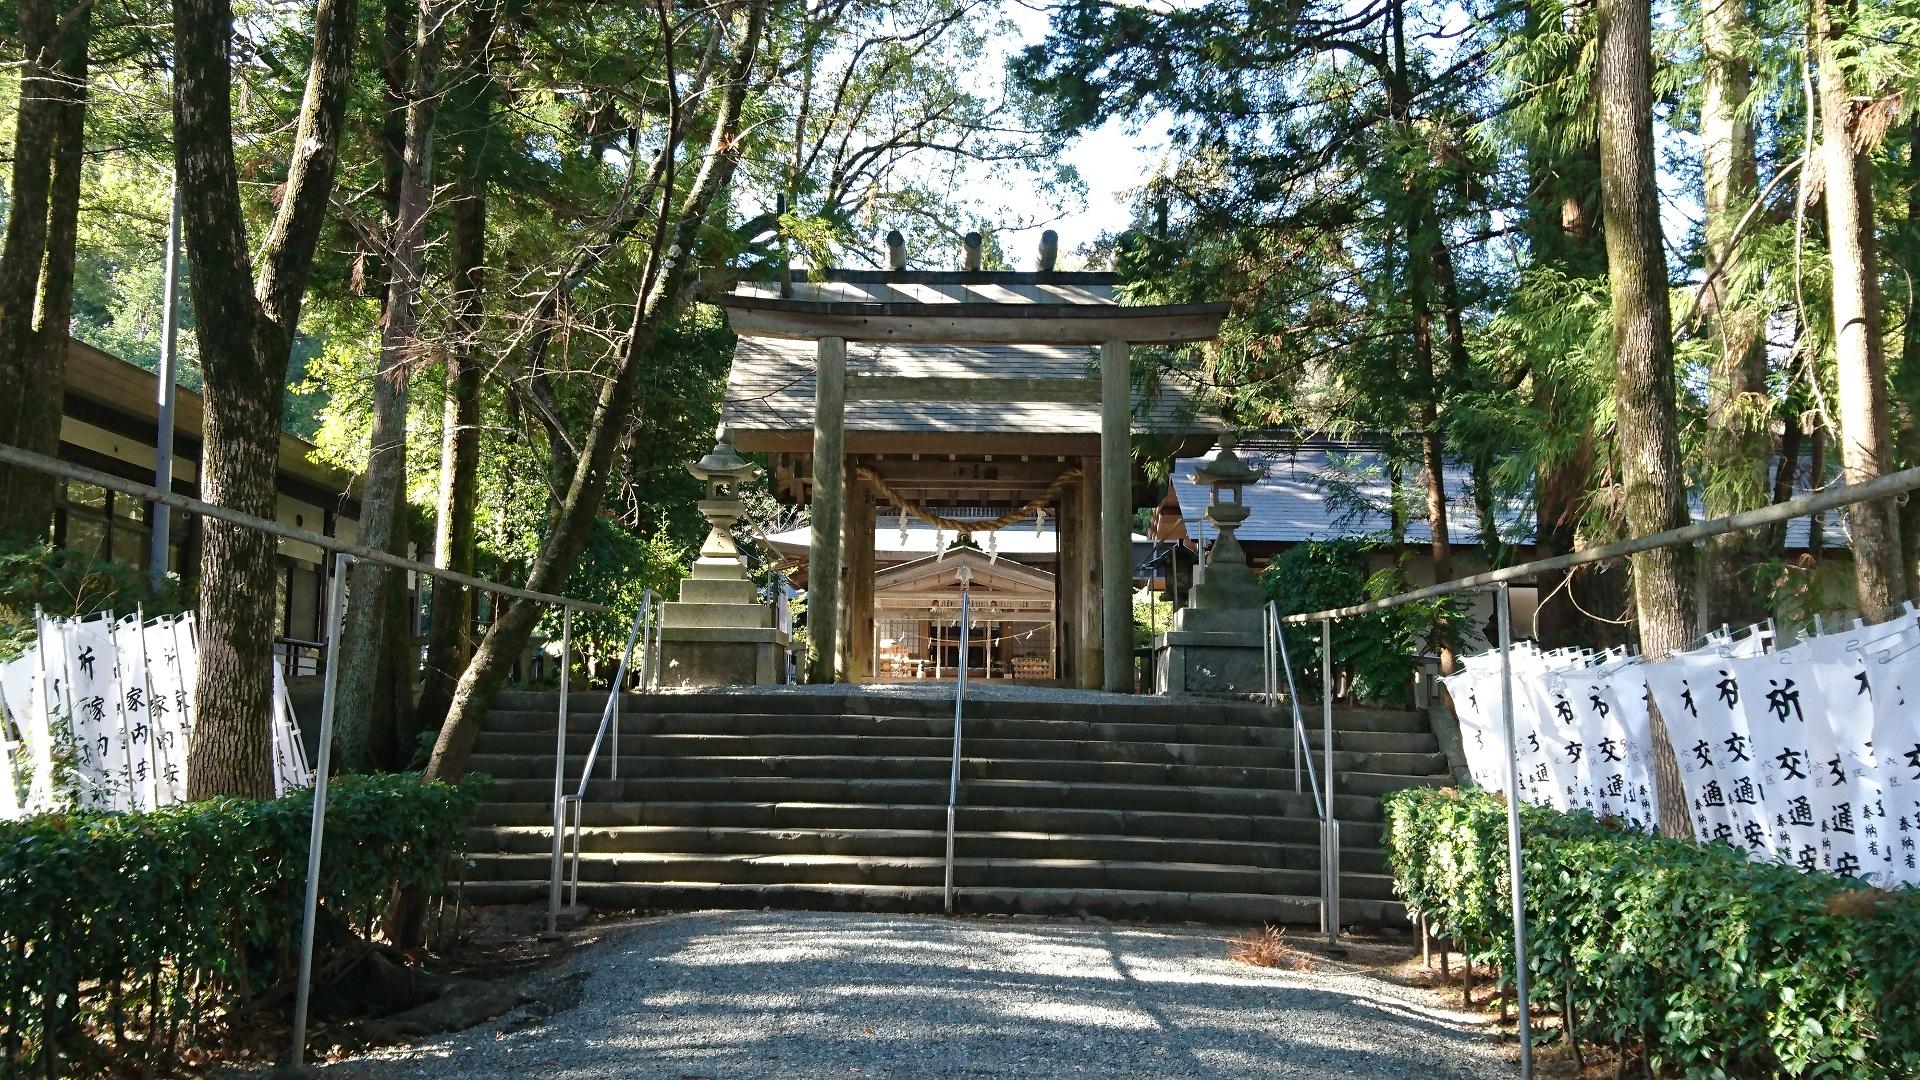 2016.12.23 井伊谷宮 (4) 正門 1920-1080